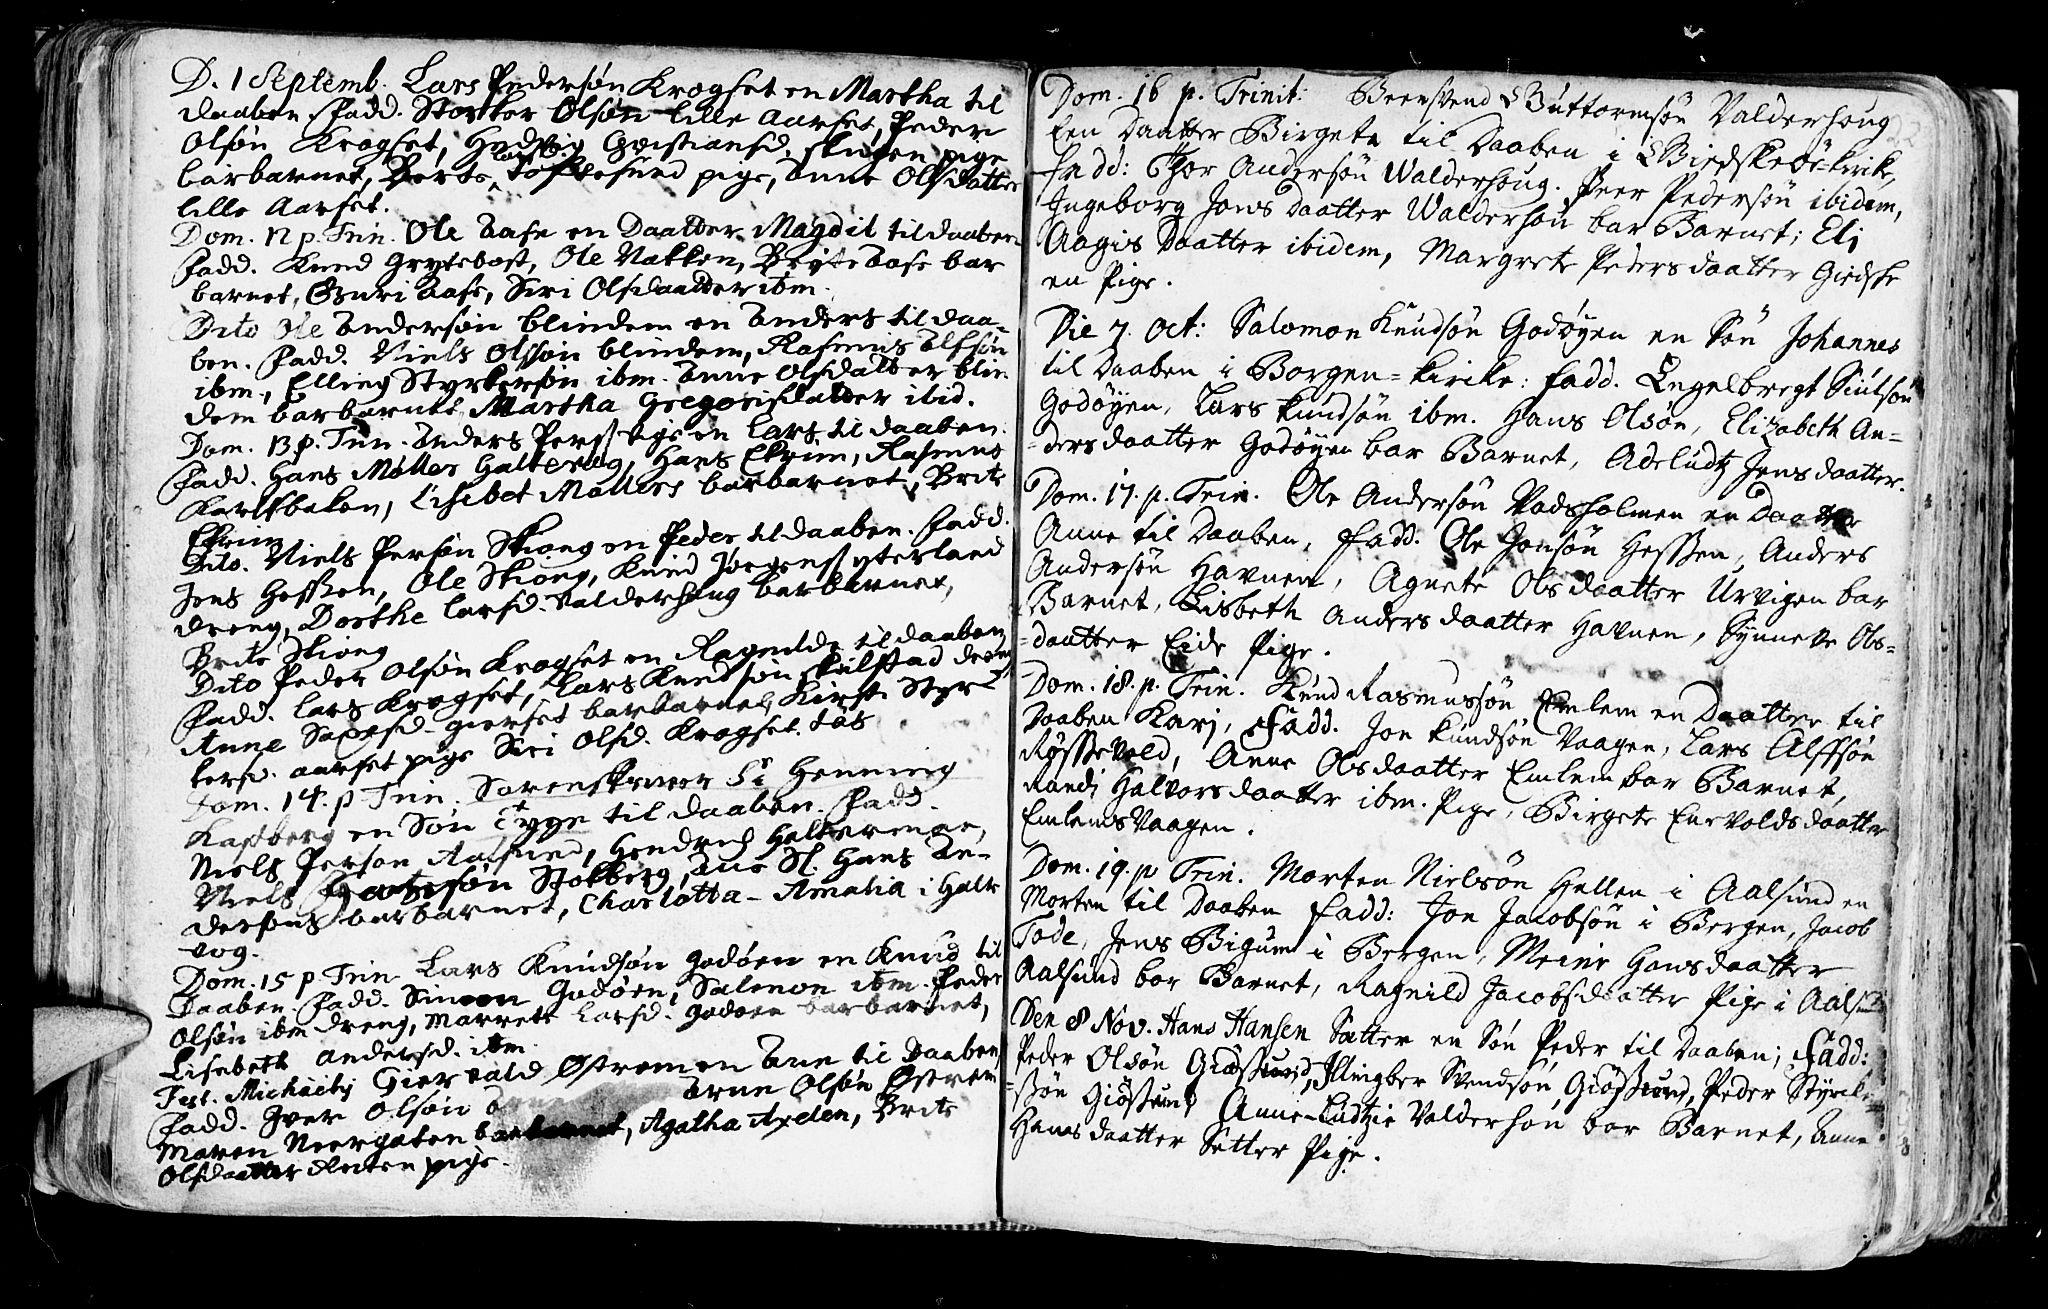 SAT, Ministerialprotokoller, klokkerbøker og fødselsregistre - Møre og Romsdal, 528/L0390: Ministerialbok nr. 528A01, 1698-1739, s. 222-223